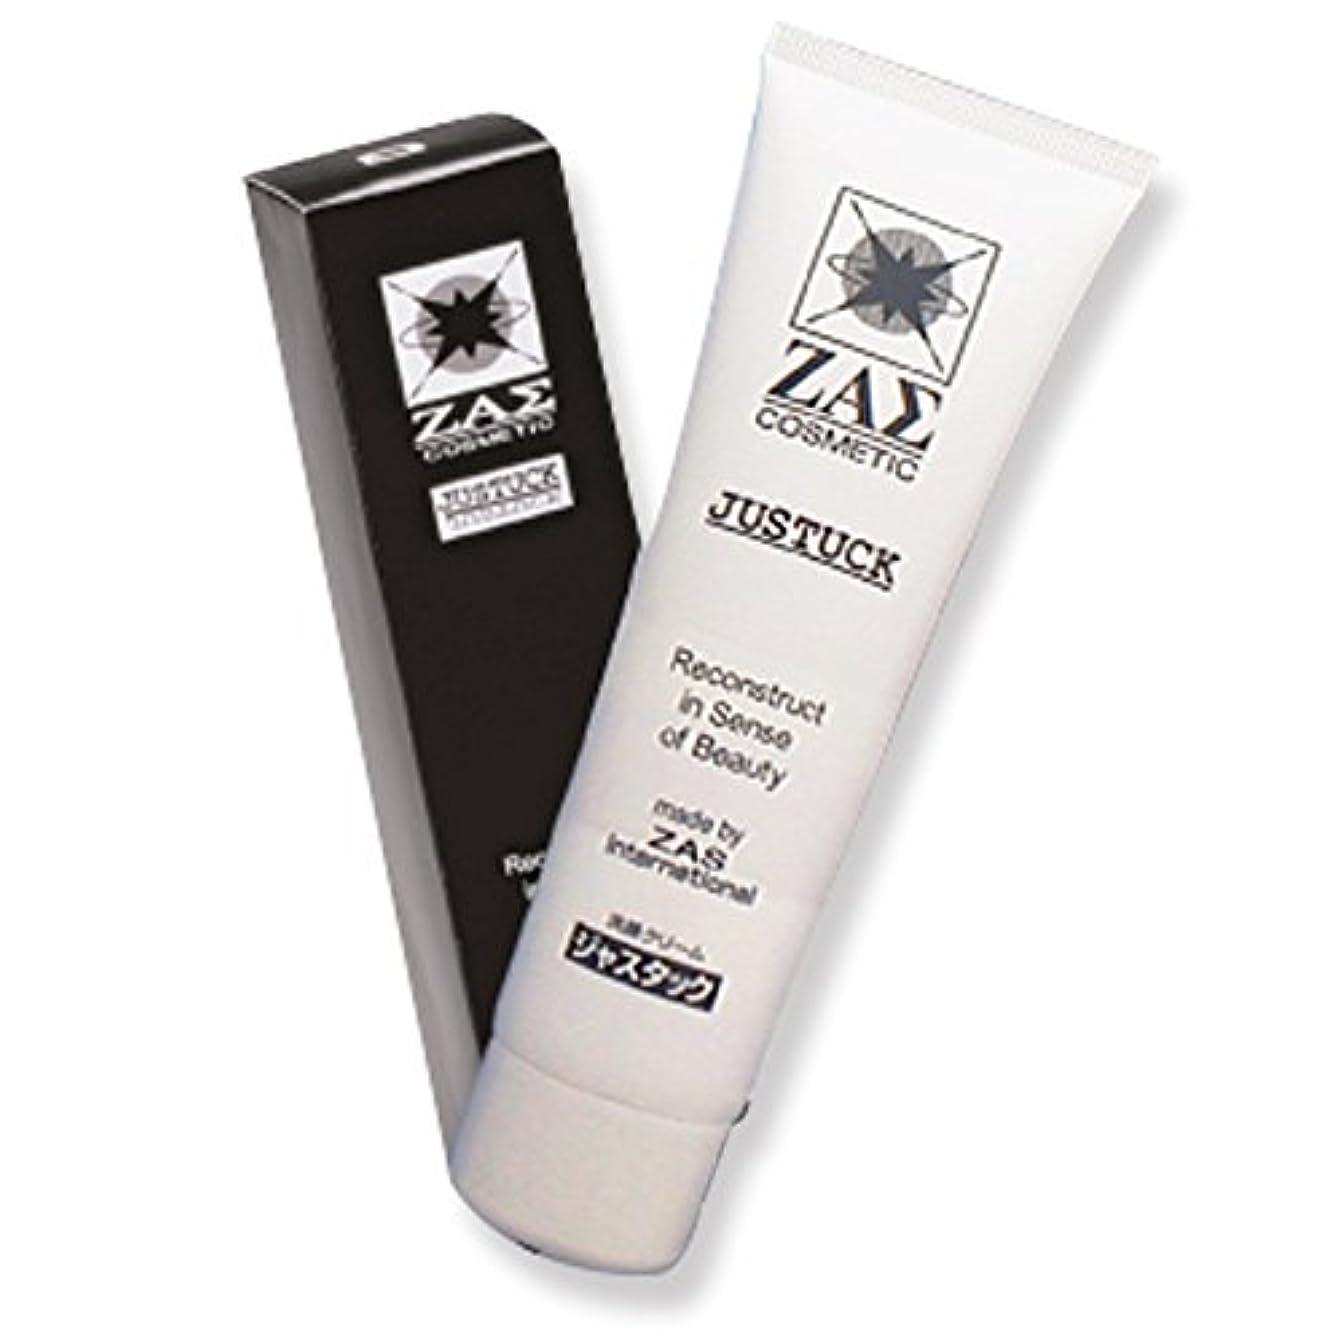 タッチ熱心な教育学メンズ洗顔料『ジャスタック』クレンジング ニキビの原因改善 肌に負担をかけずに毛穴に残った脂/汚れを洗い落とす サッパリ洗い流しツッパリ感なし 【メンズコスメ 男性化粧品|ザス】